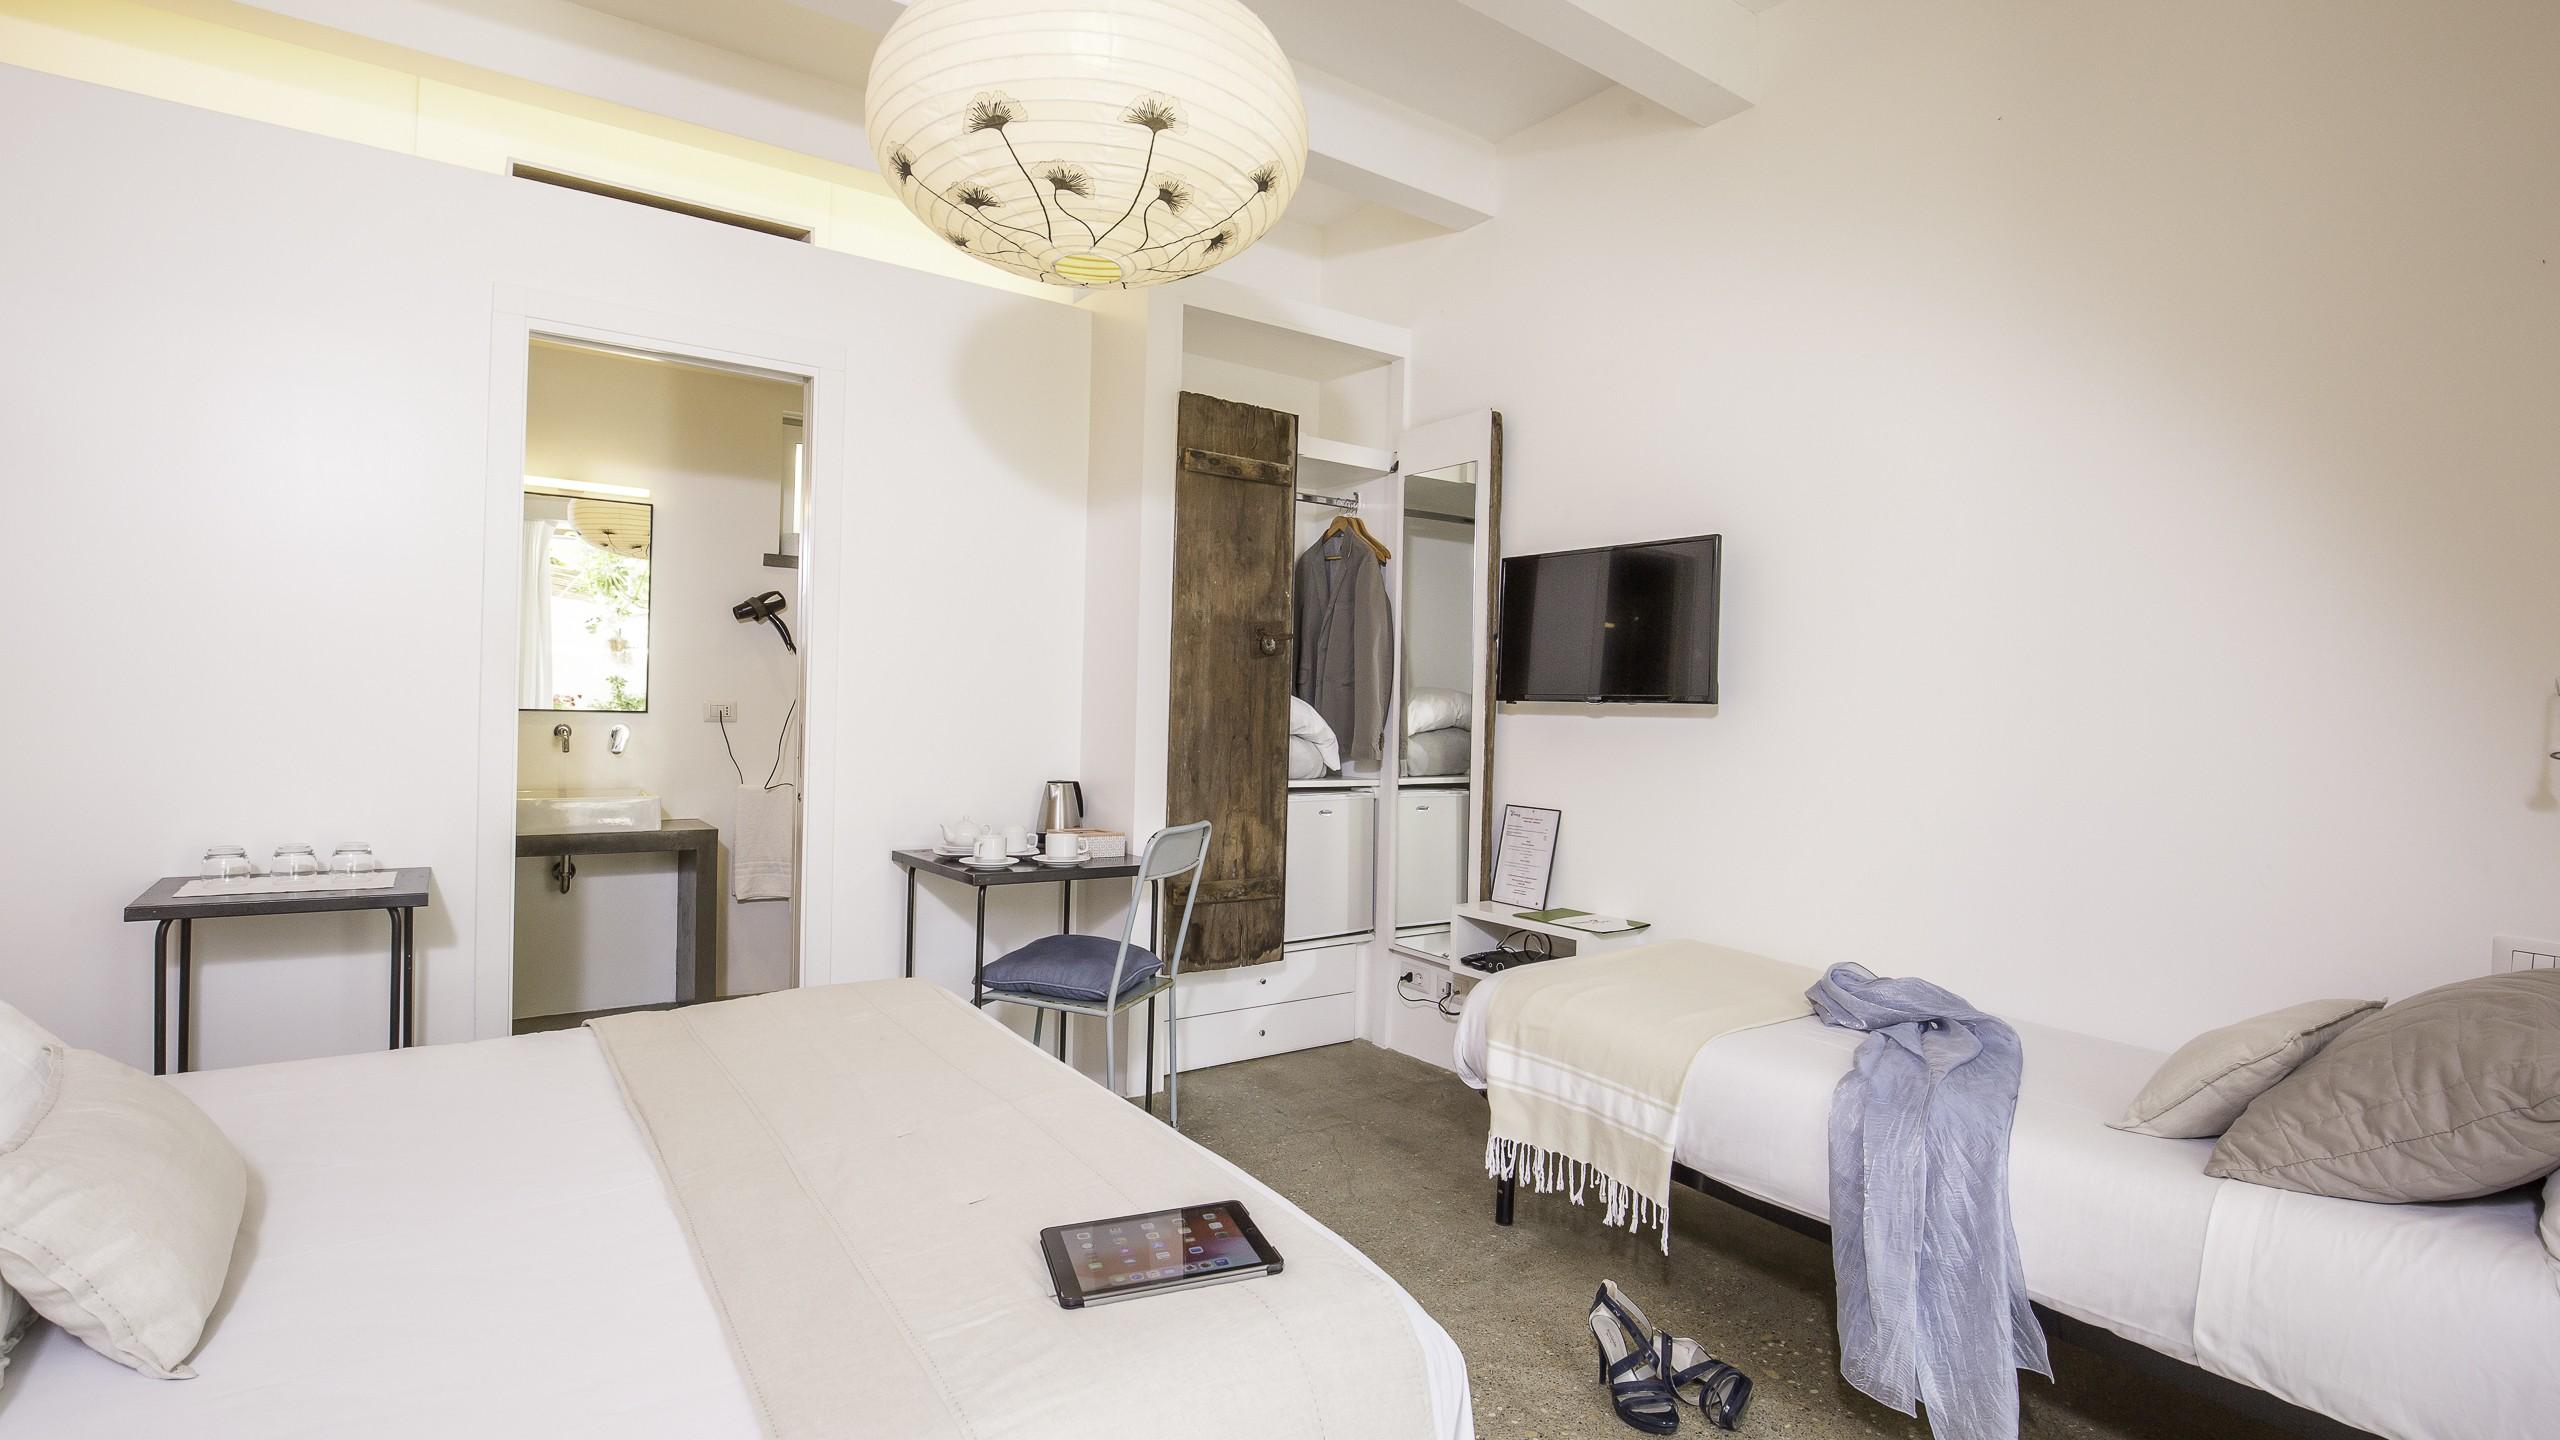 Intorno-al-Fico-Beach-hotel-fiumicino-rooms-040